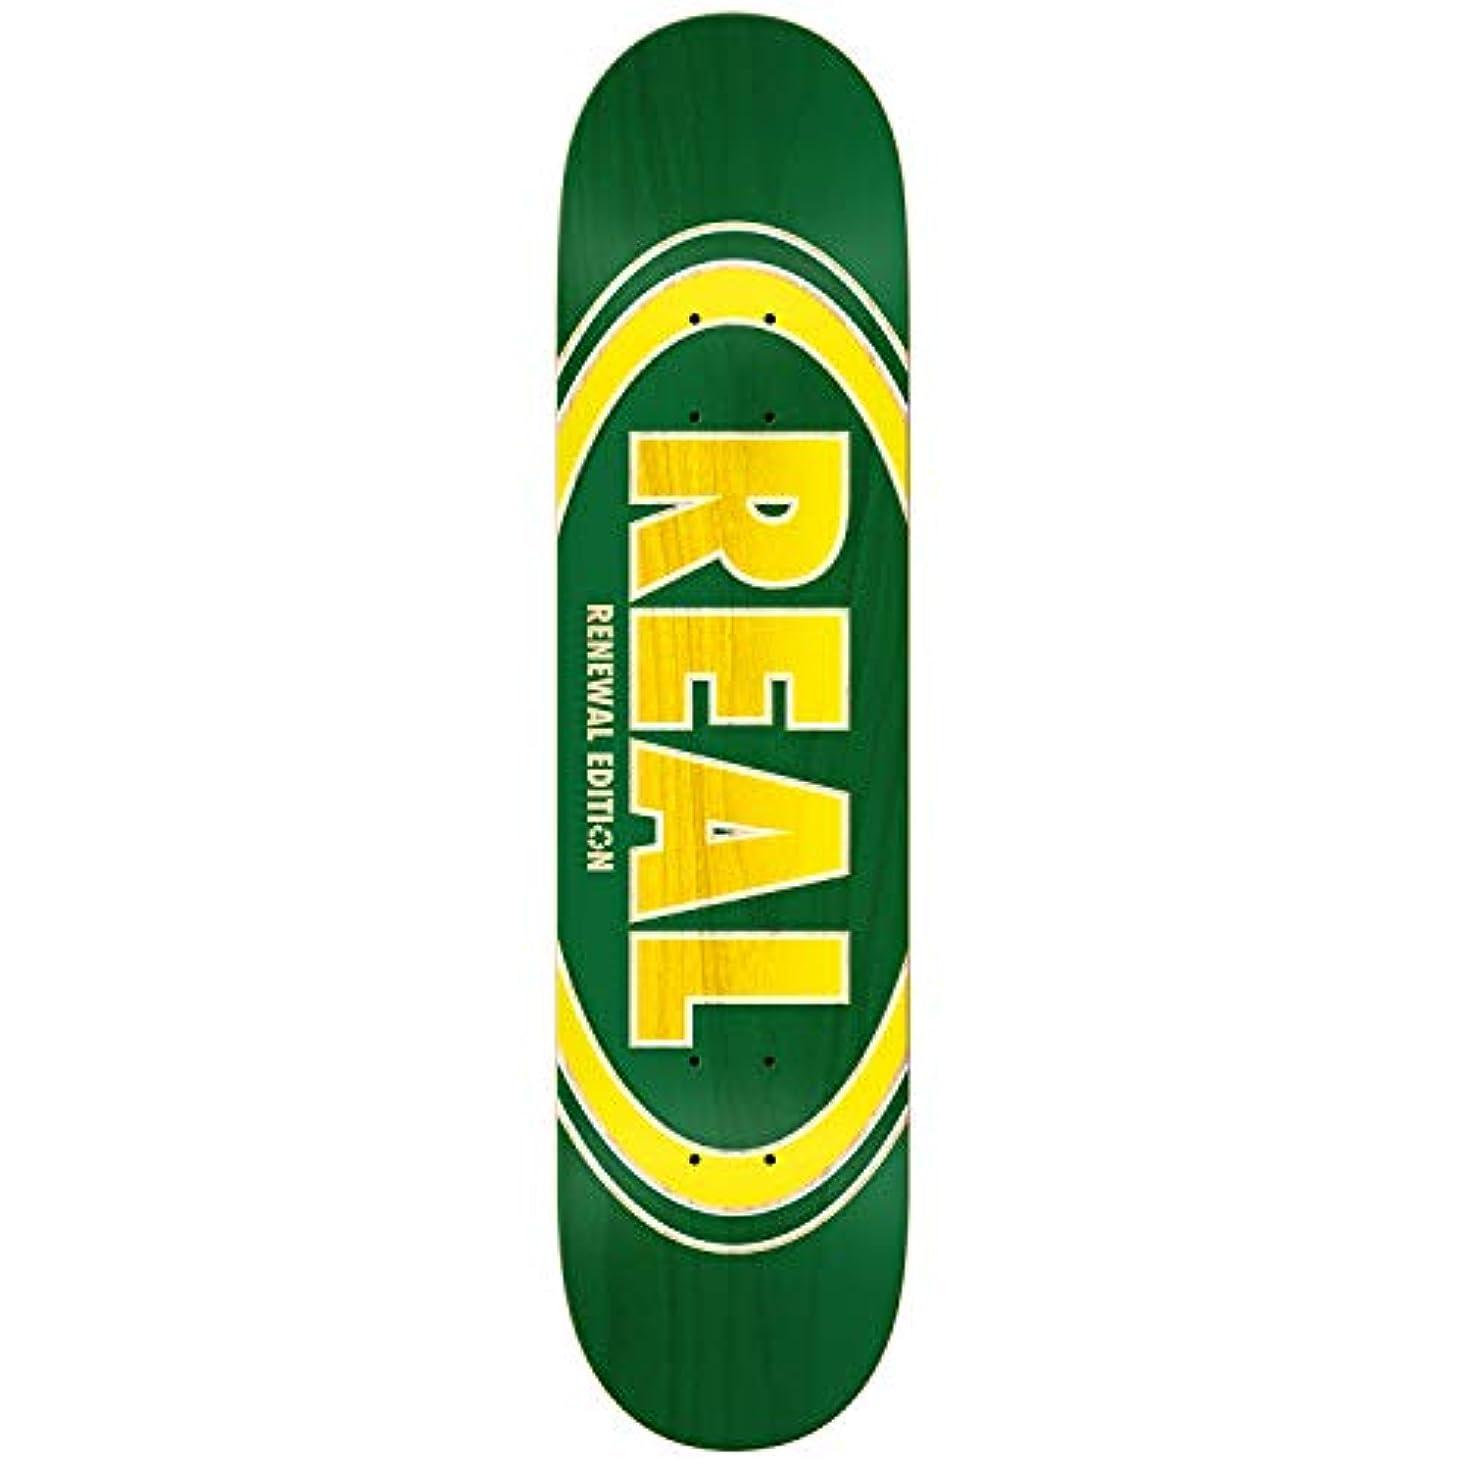 感謝するとんでもないベスビオ山リアルスケートボードデッキ オバルドゥオフェードグリーン 7.75インチ